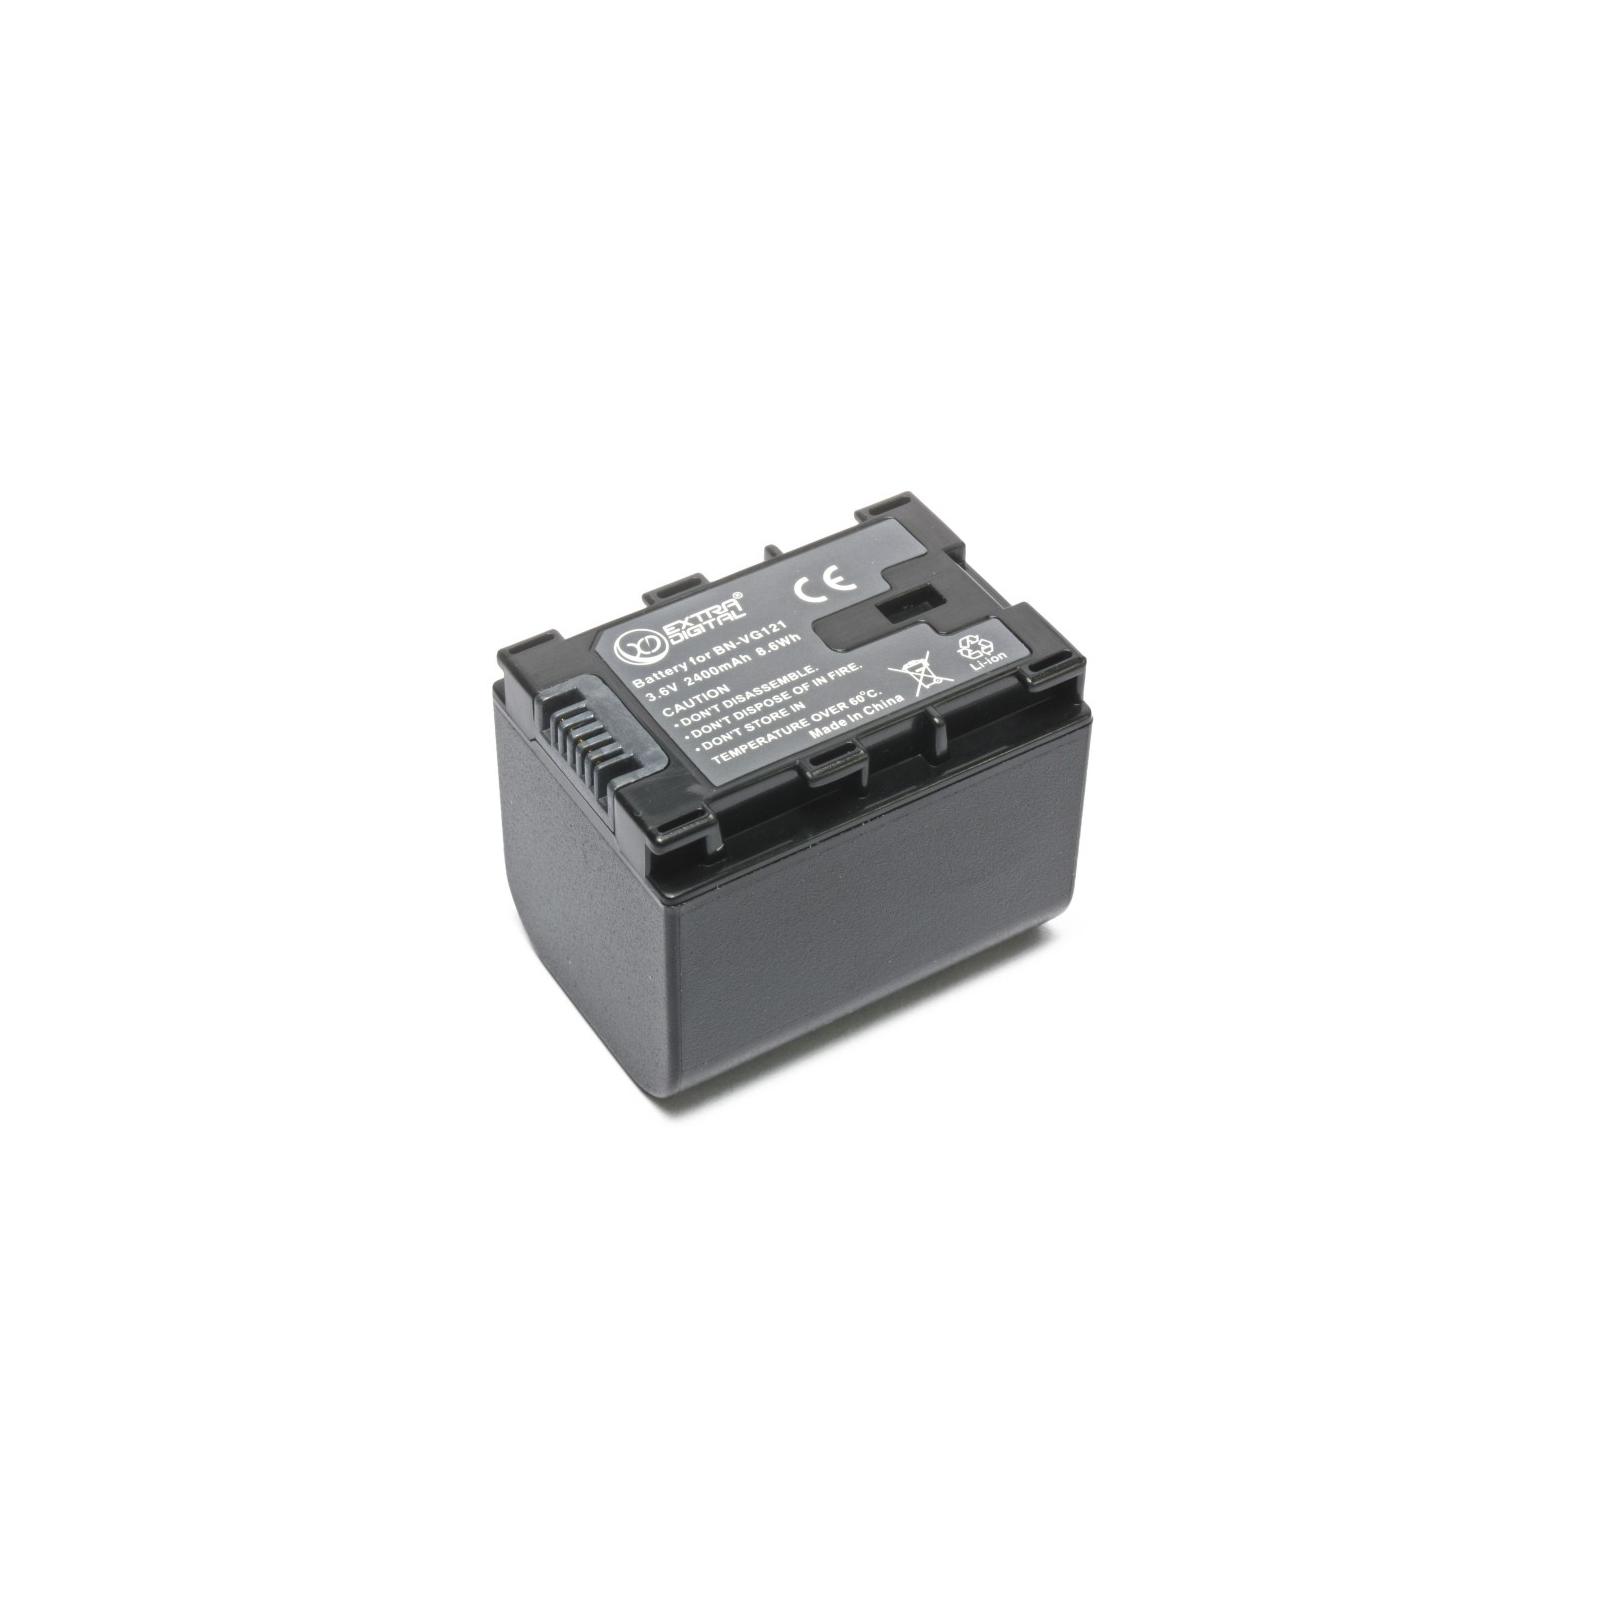 Аккумулятор к фото/видео EXTRADIGITAL JVC BN-VG121 (chip) (BDJ1311) изображение 4